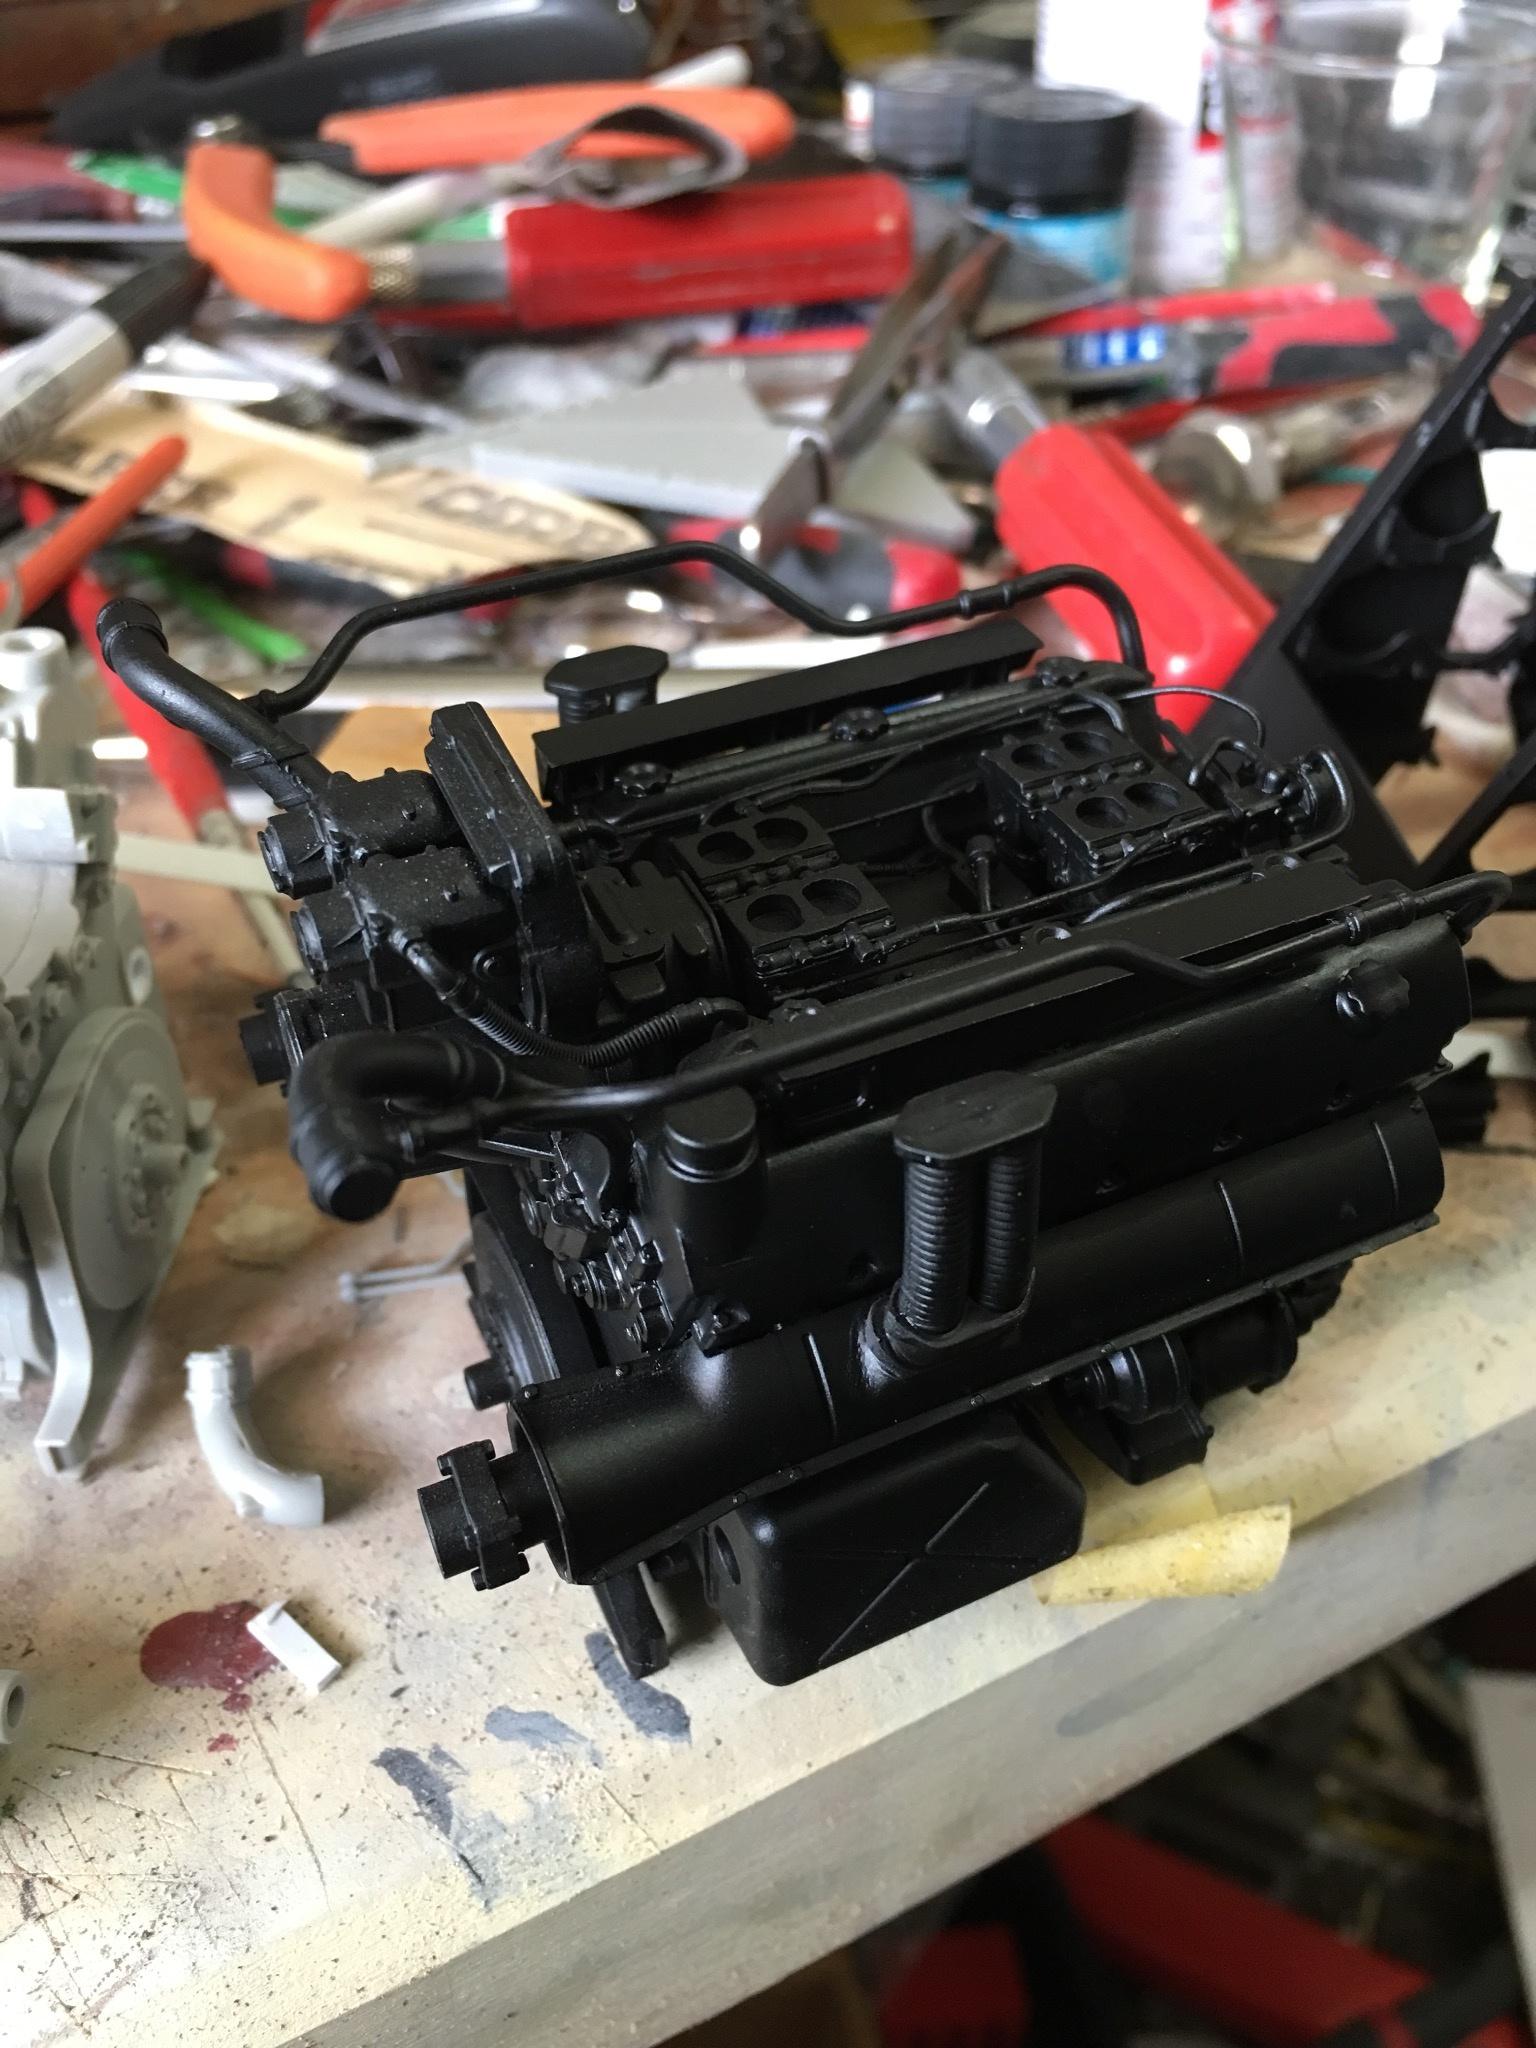 491C14A4-A5F6-48FD-B92B-0A05D133625B.jpeg